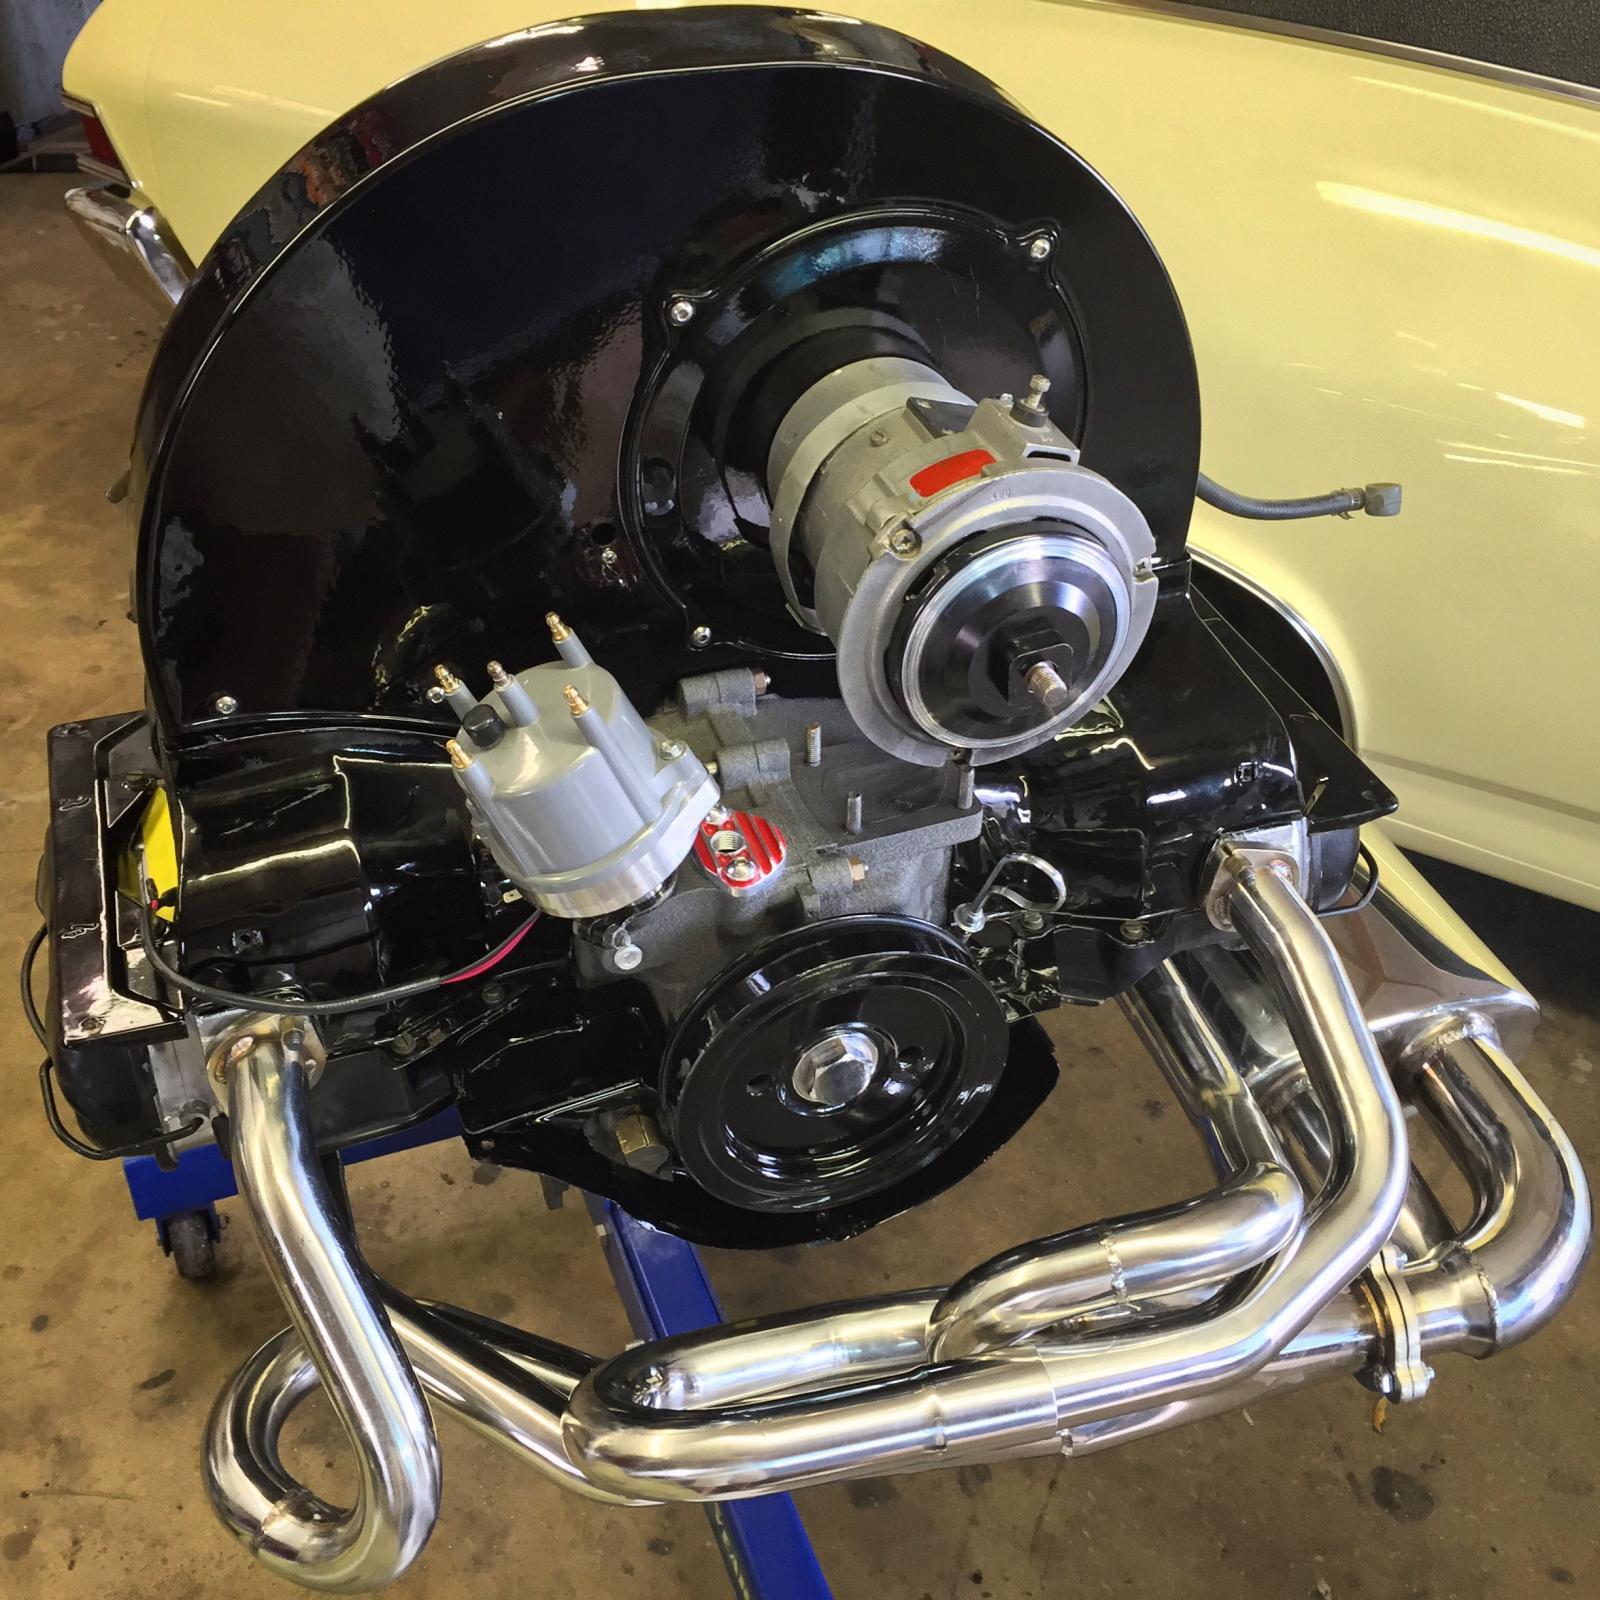 1679cc Build